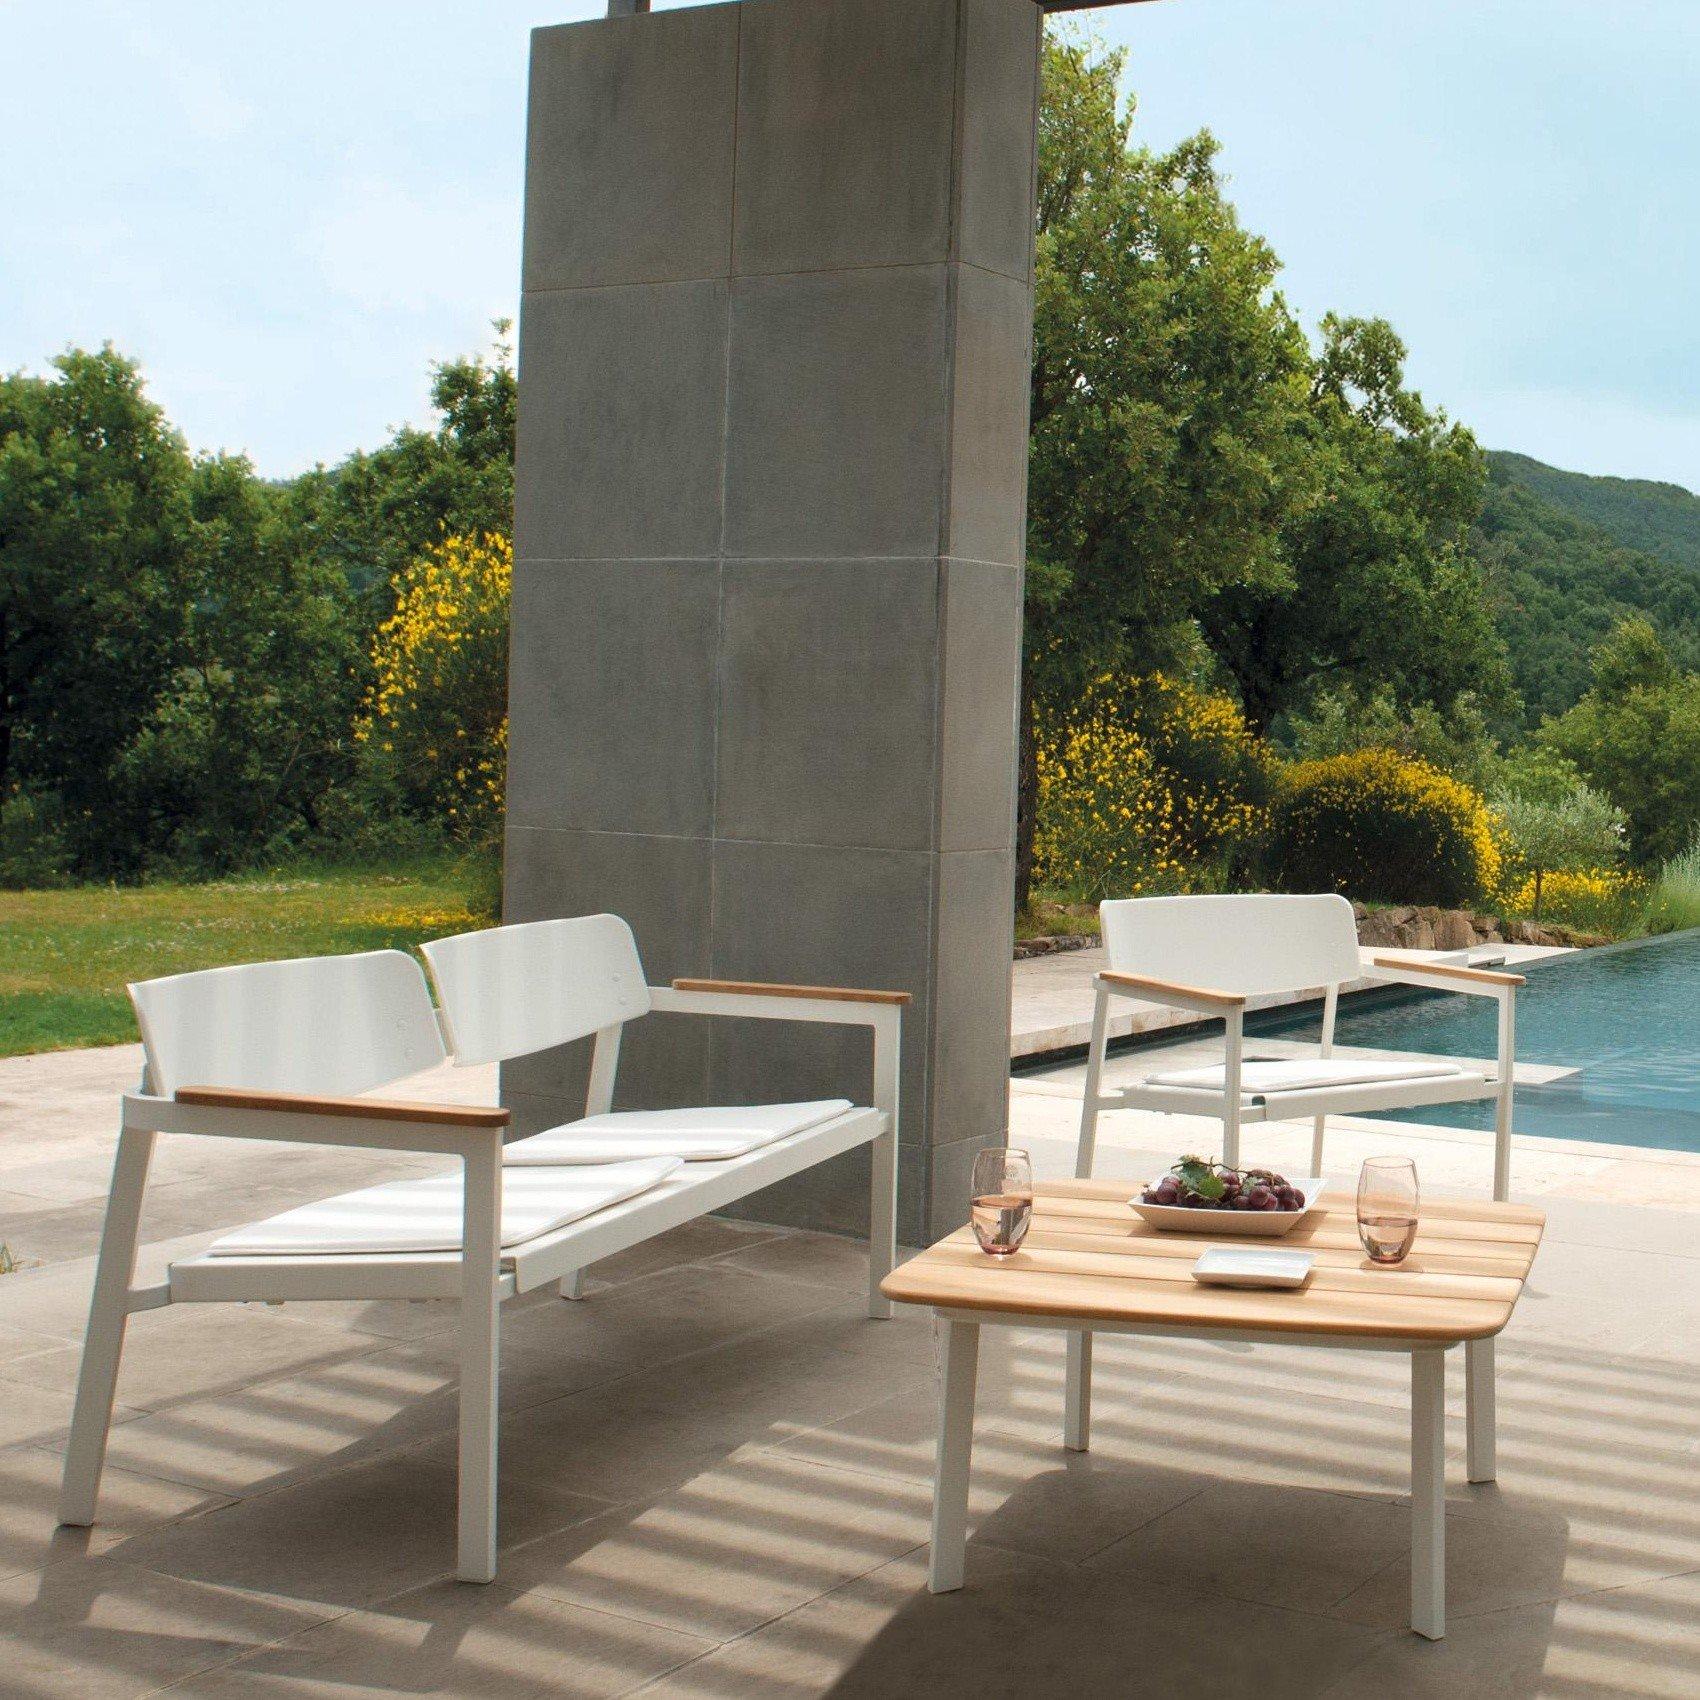 Bemerkenswert Lounge Outdoor Galerie Von Emu - Shine Table